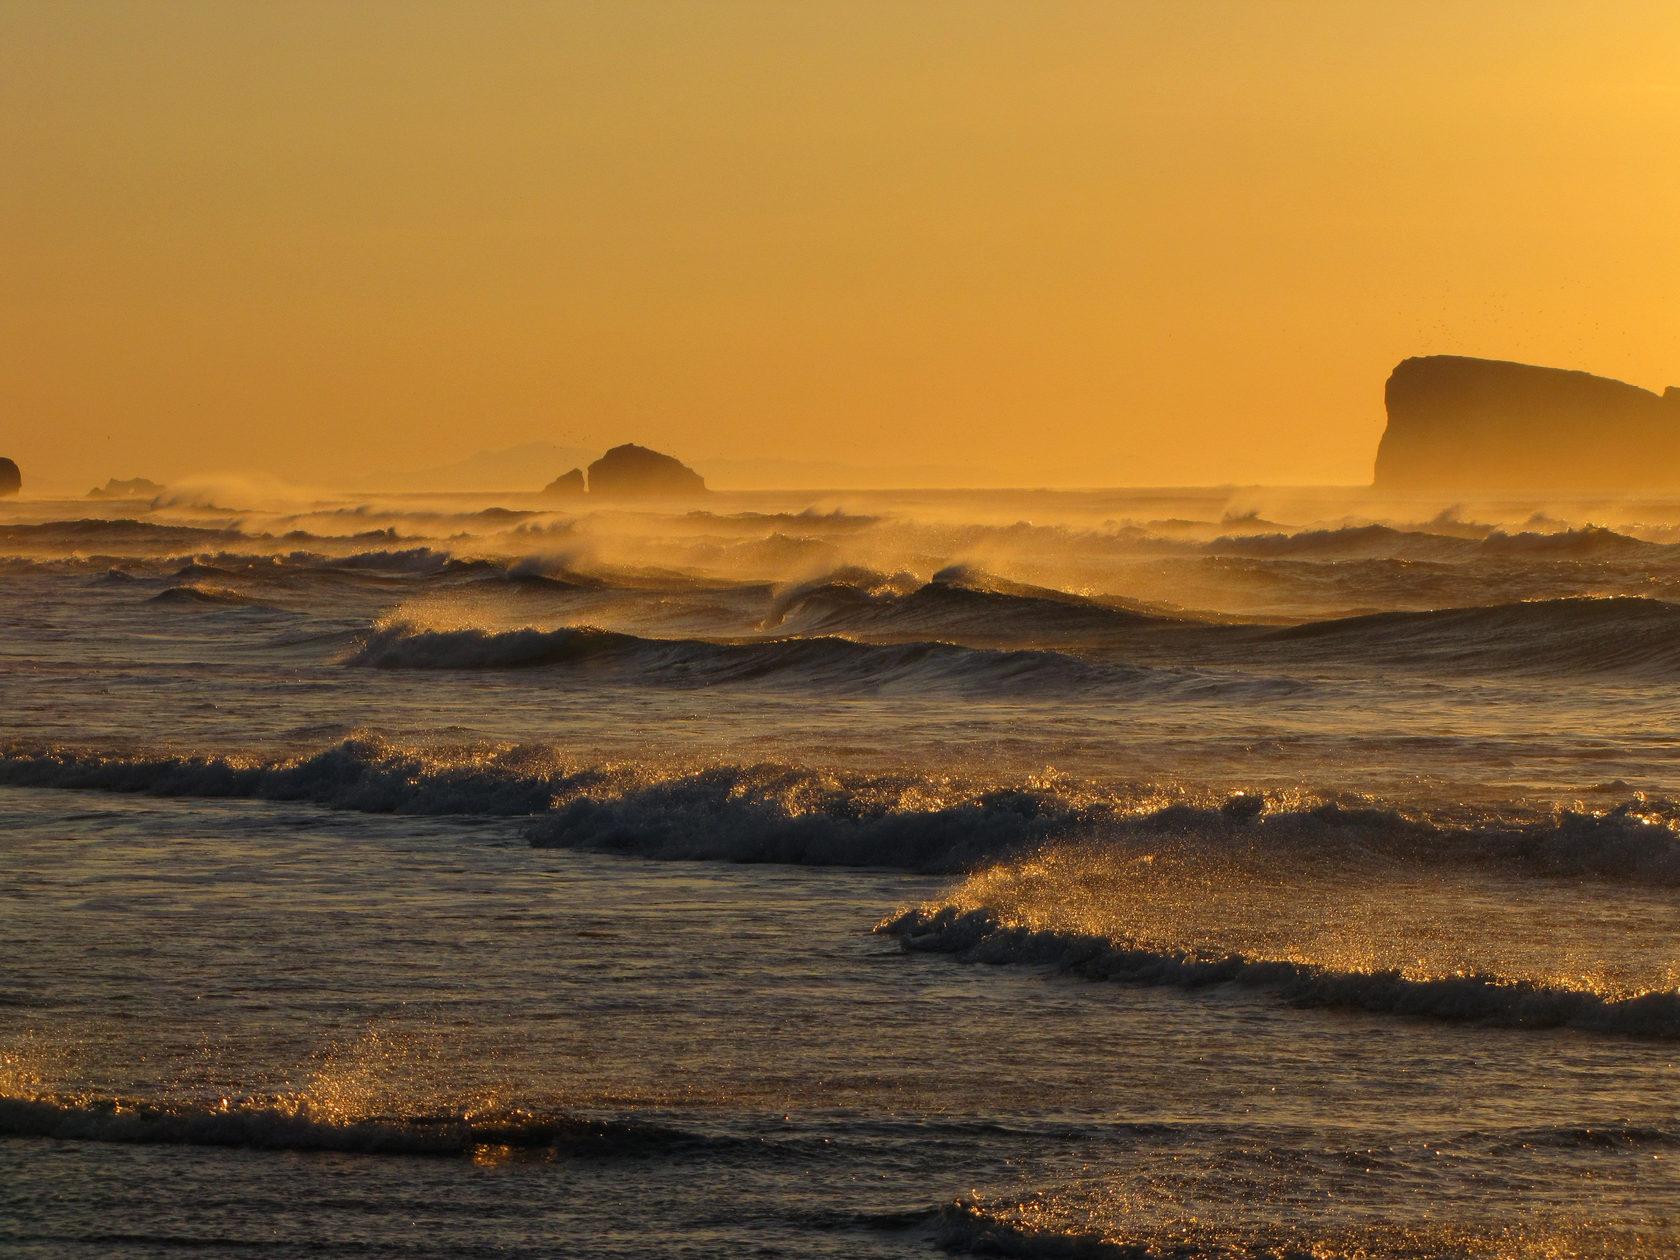 Апельсиновое утро на побережье Тихого океана